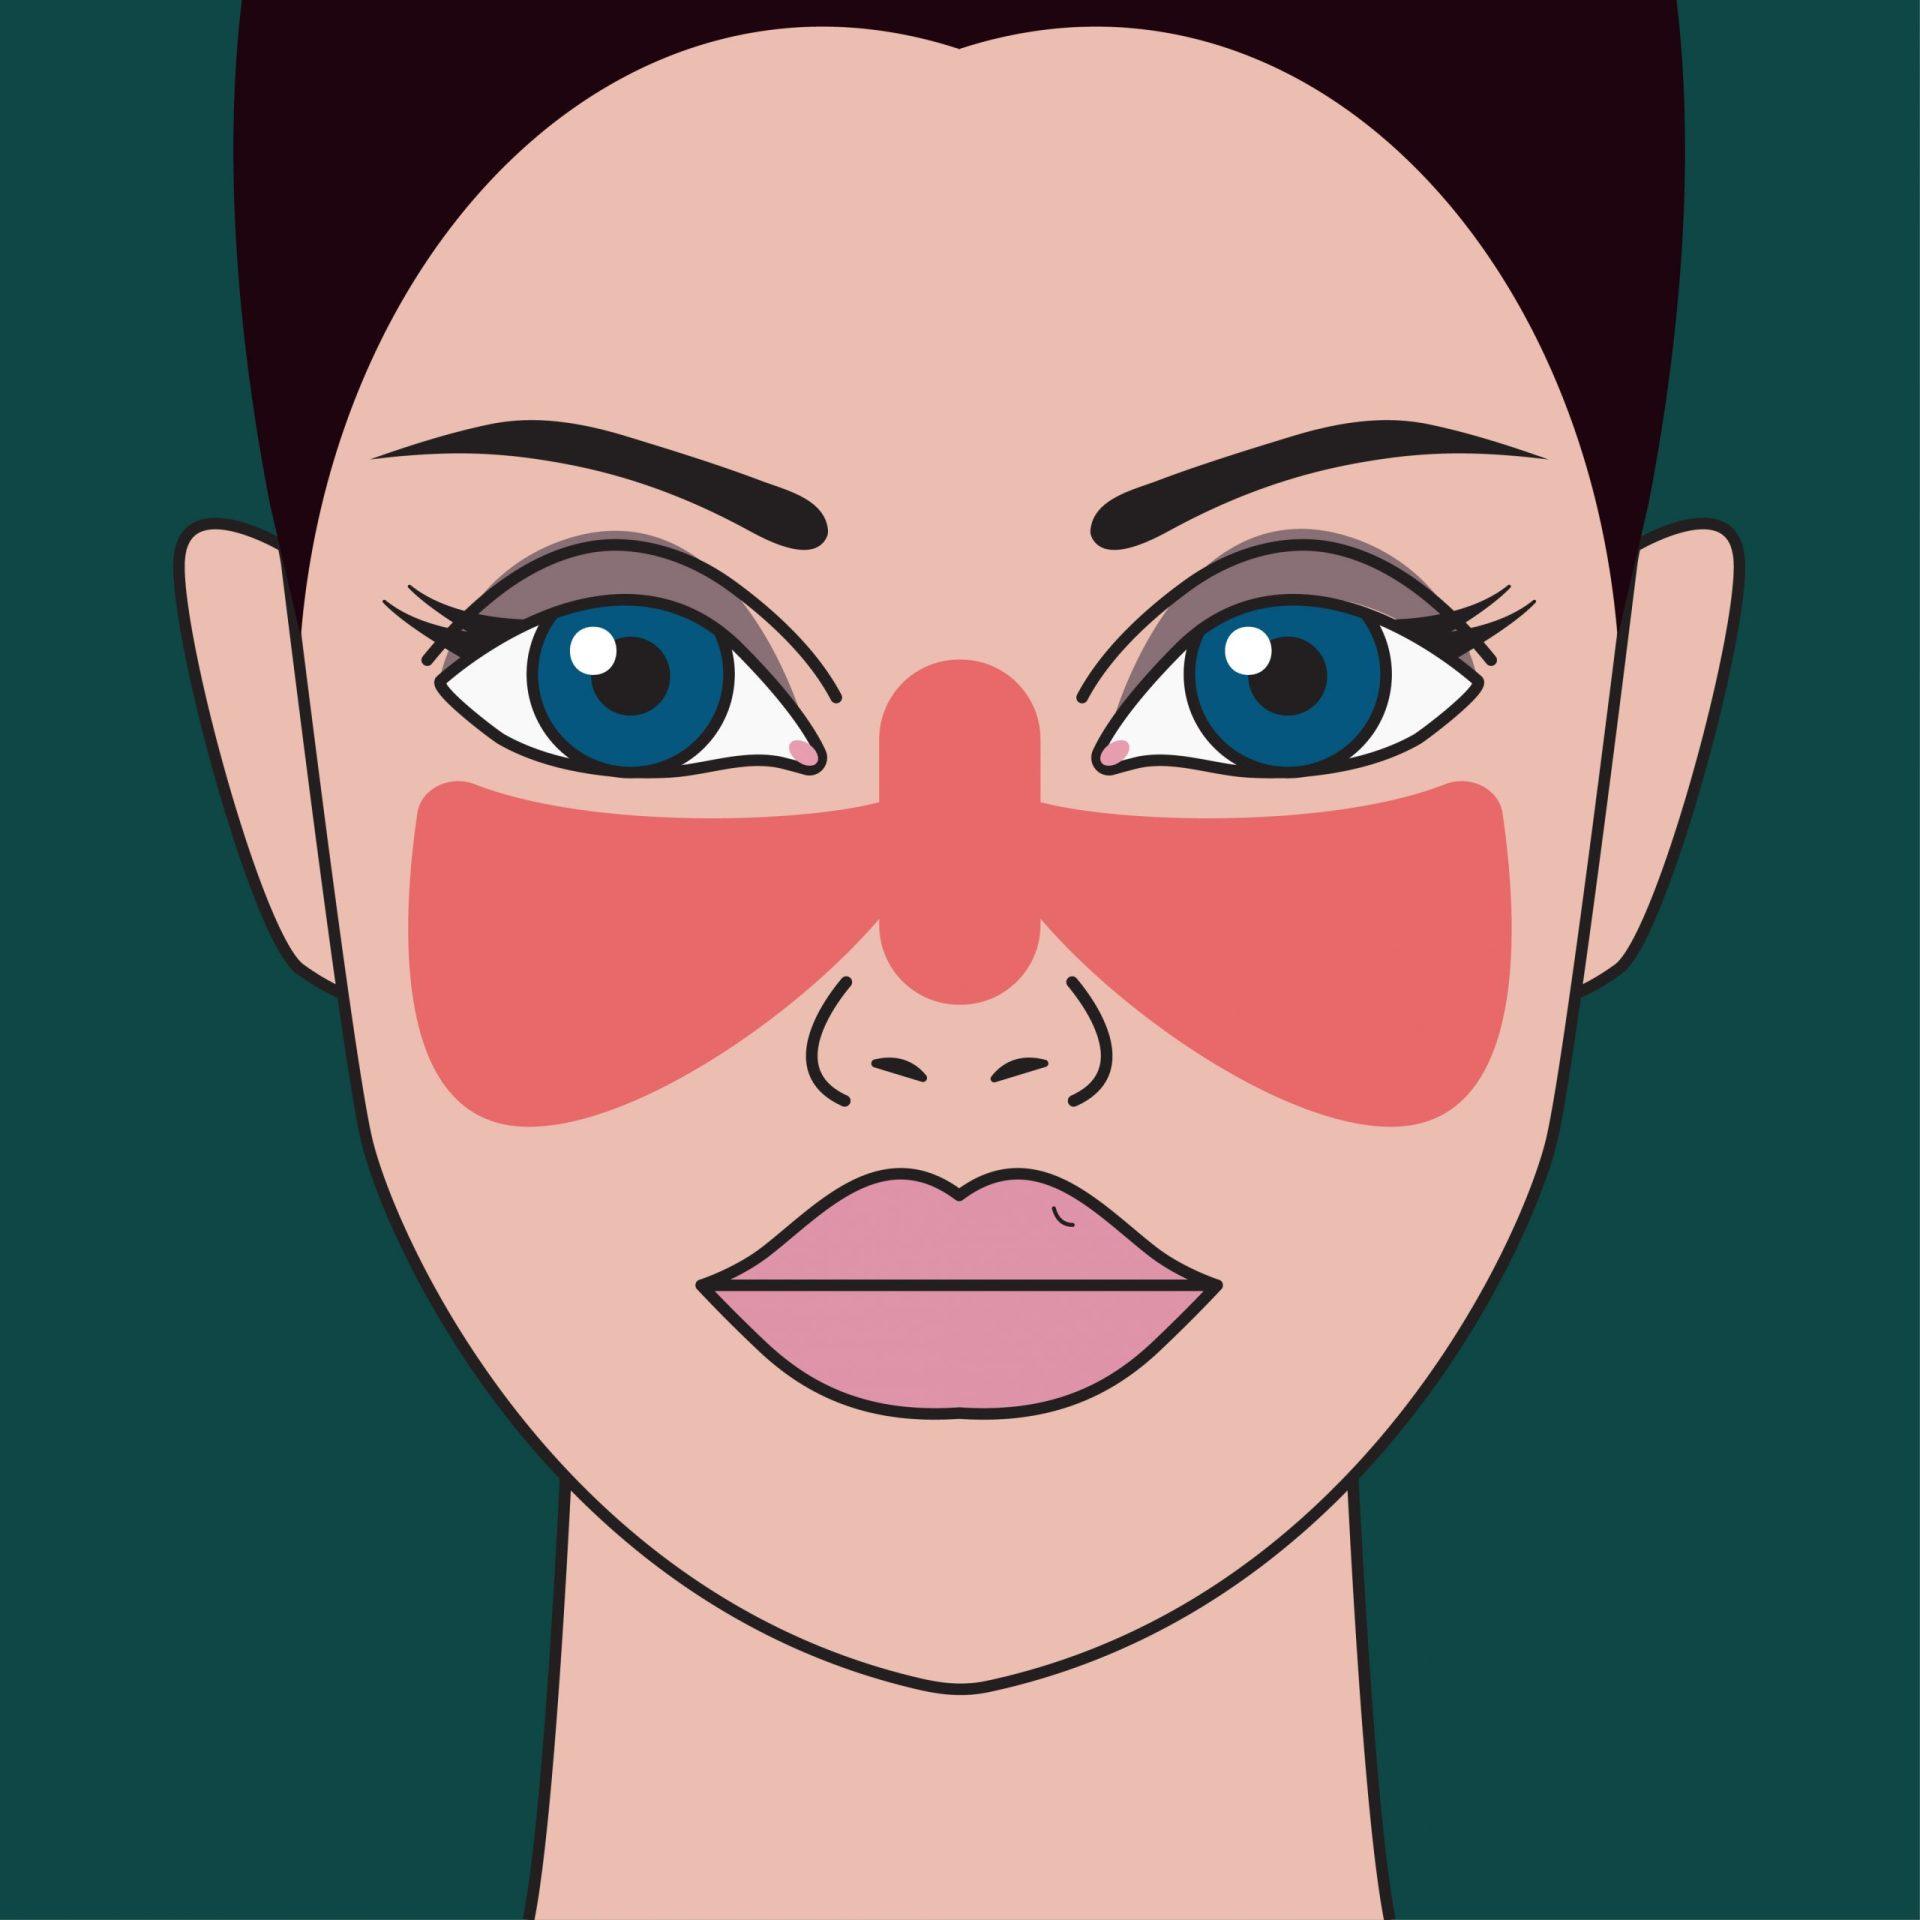 Lupus simptome: erupția în fluture la nivelul feței una dintre manifestările acestei boli